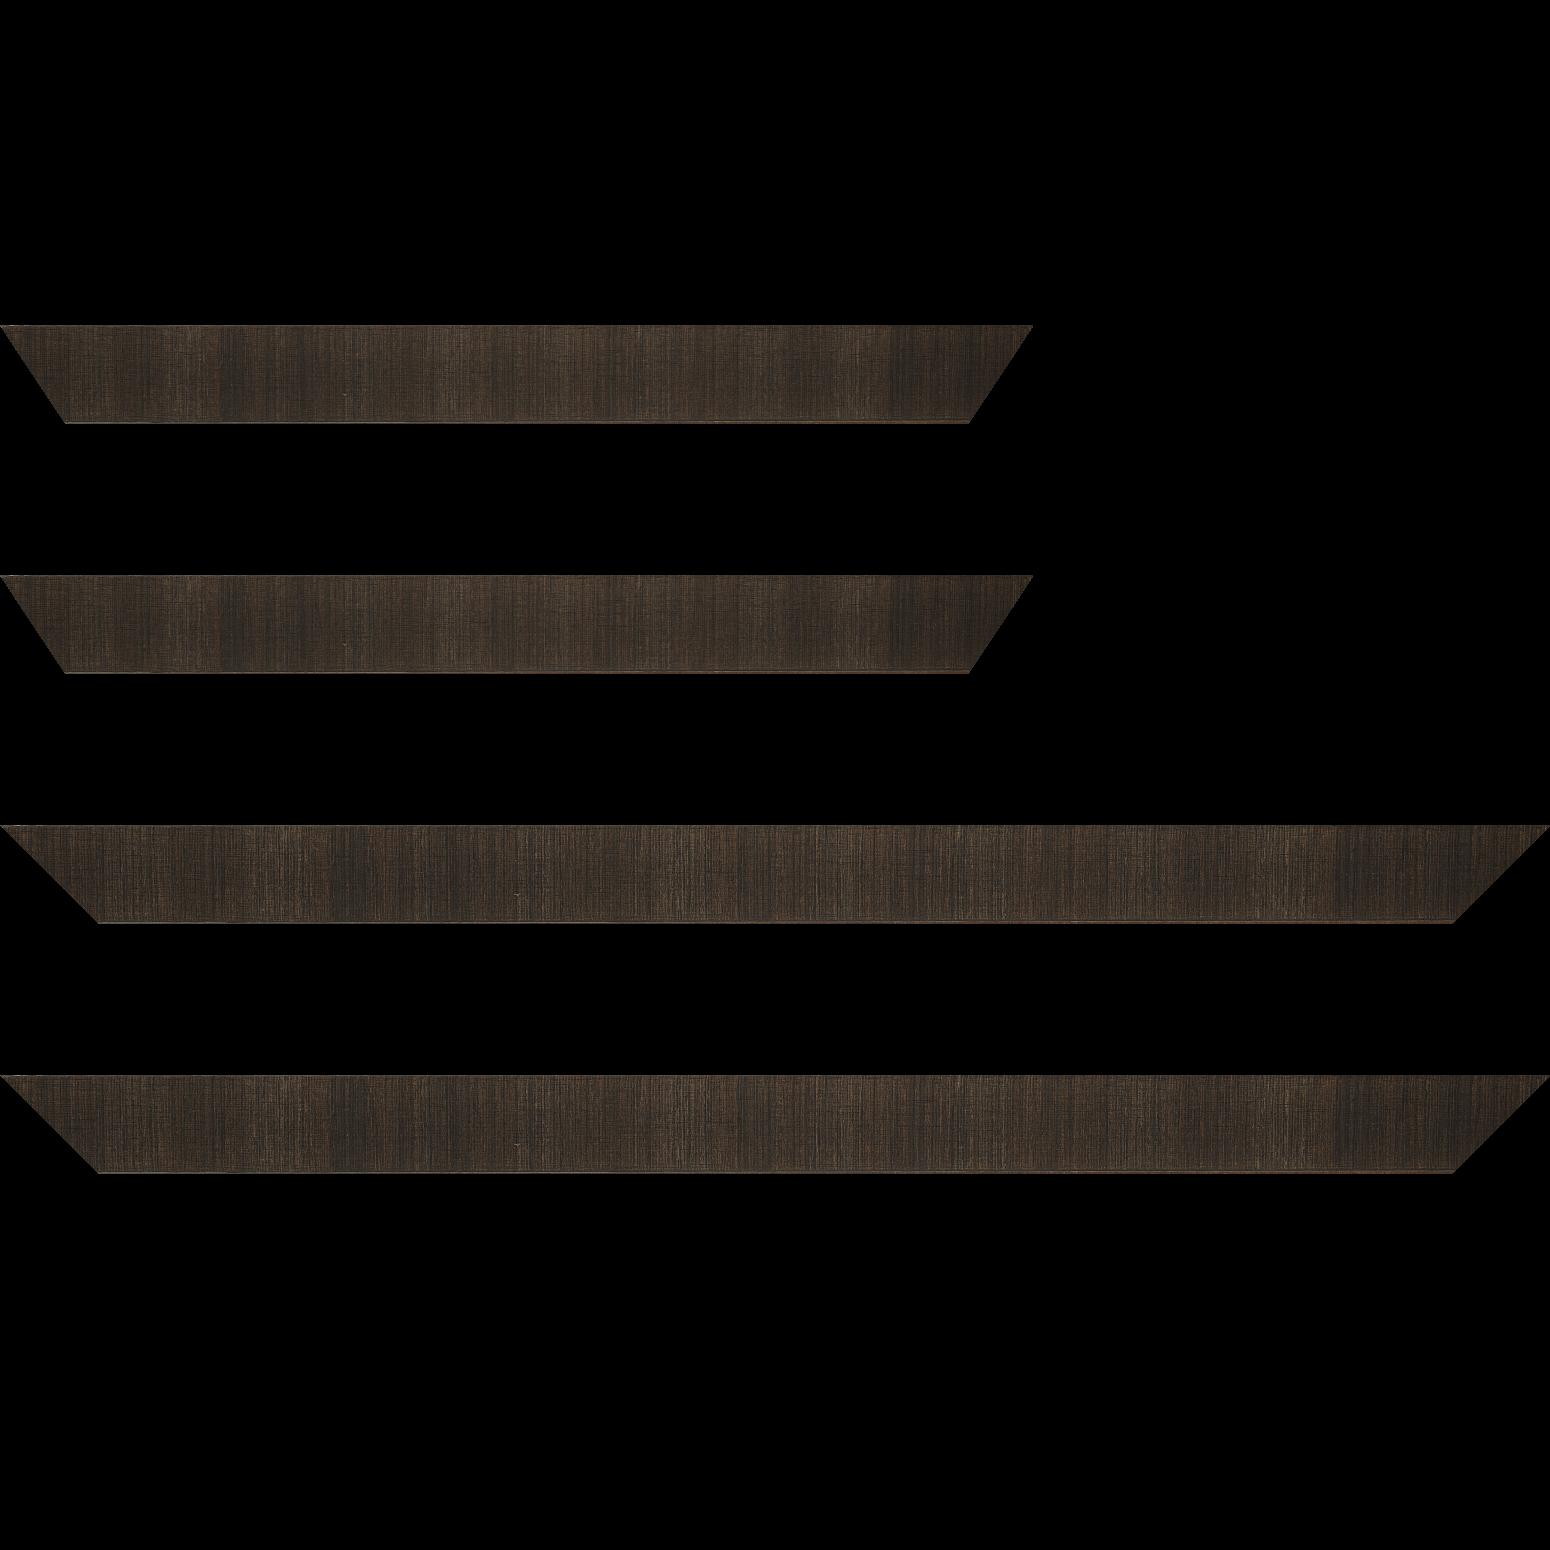 Baguette service précoupé Bois profil incurvé largeur 2.8cm plaquage haut de gamme teck noirci